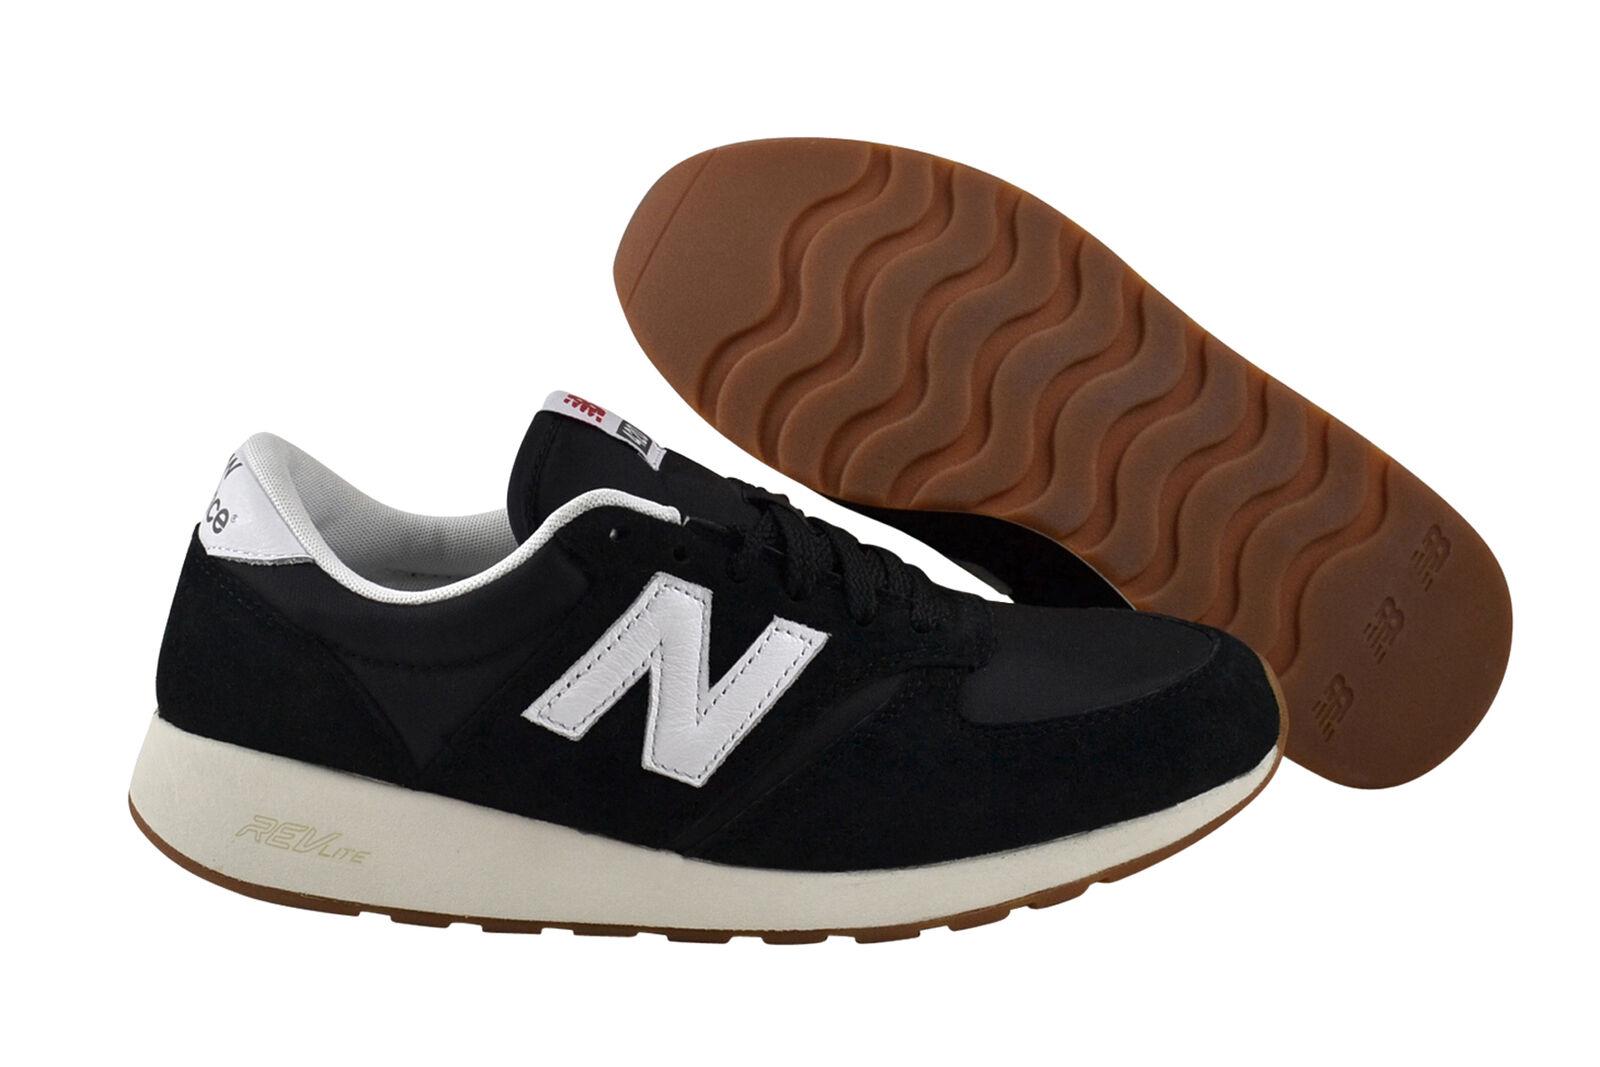 New Balance MRL420 SD black white Schuhe Sneaker schwarz weiß